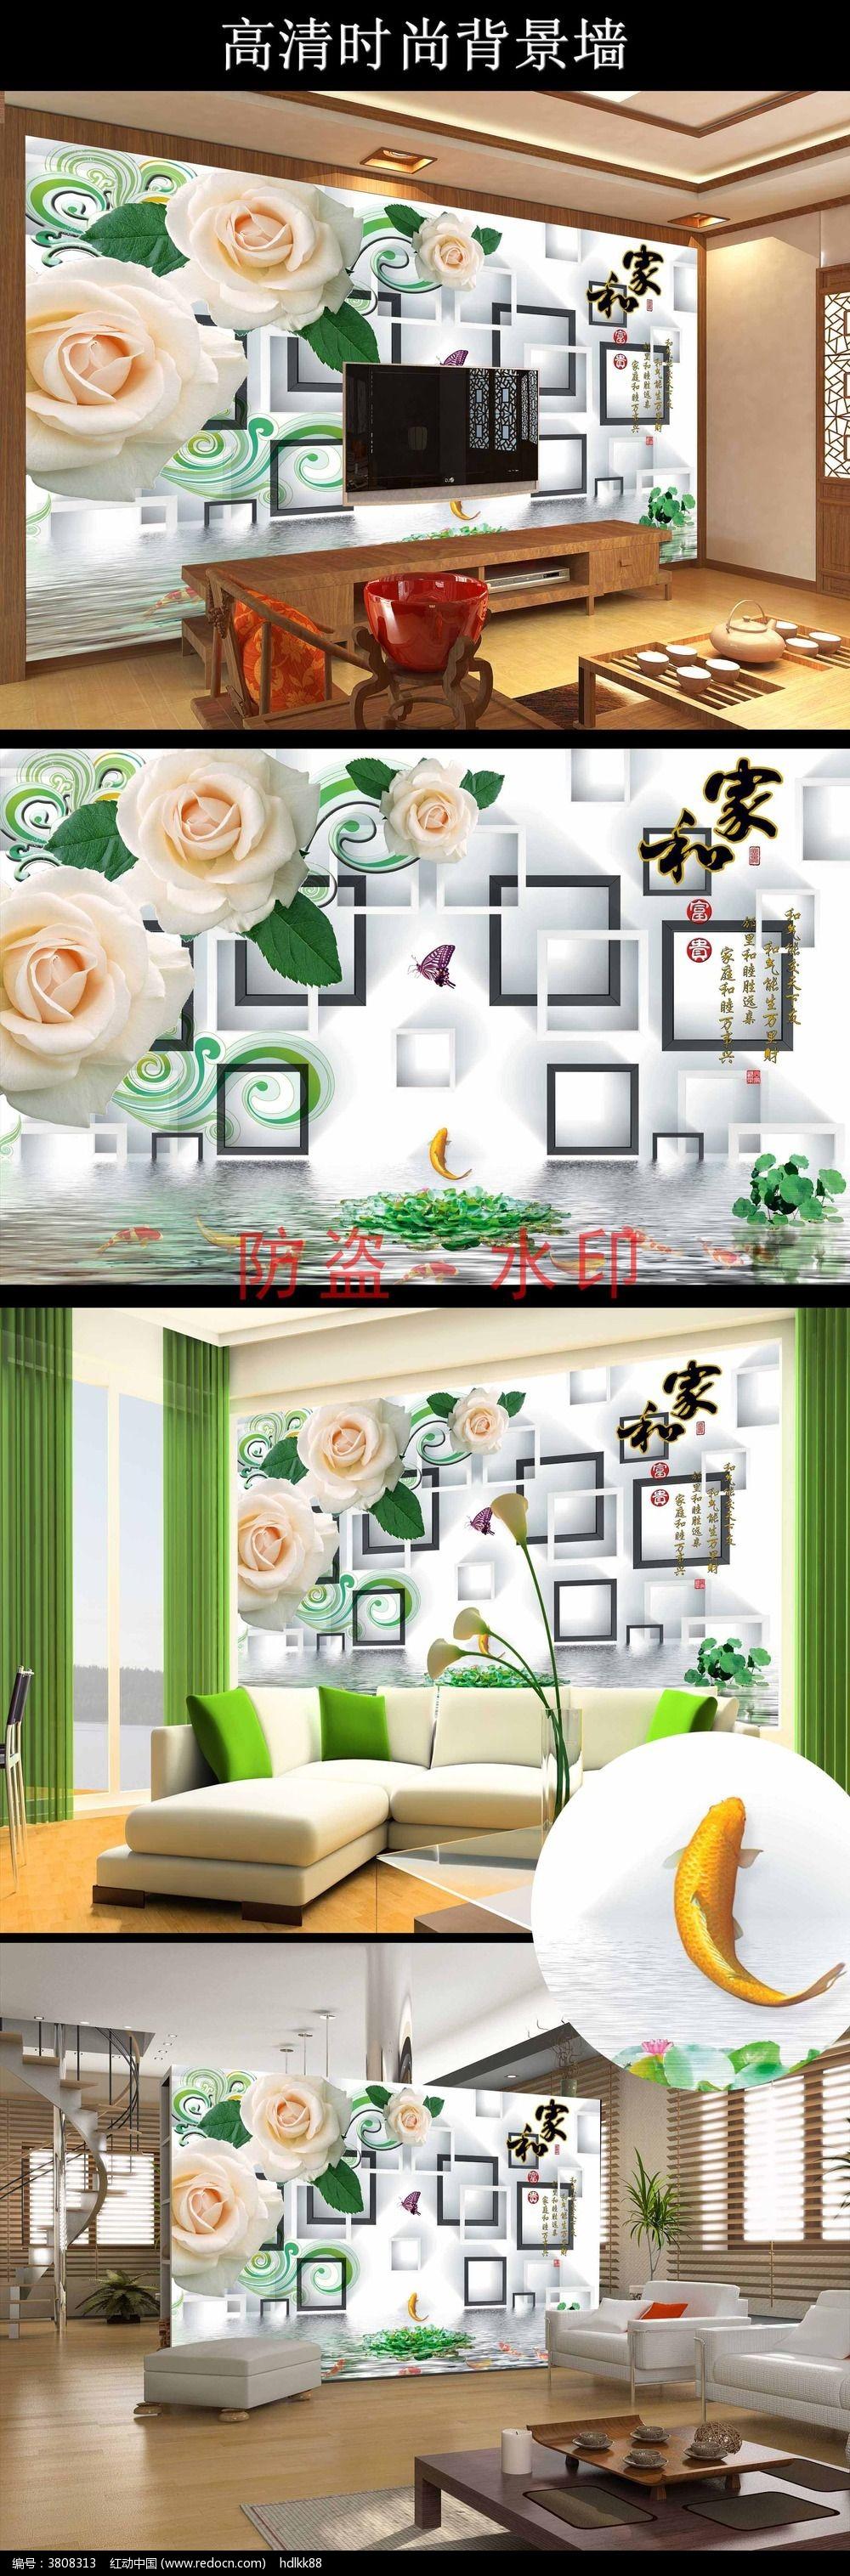 玫瑰浪漫花朵透明方框立体3D背景墙图片